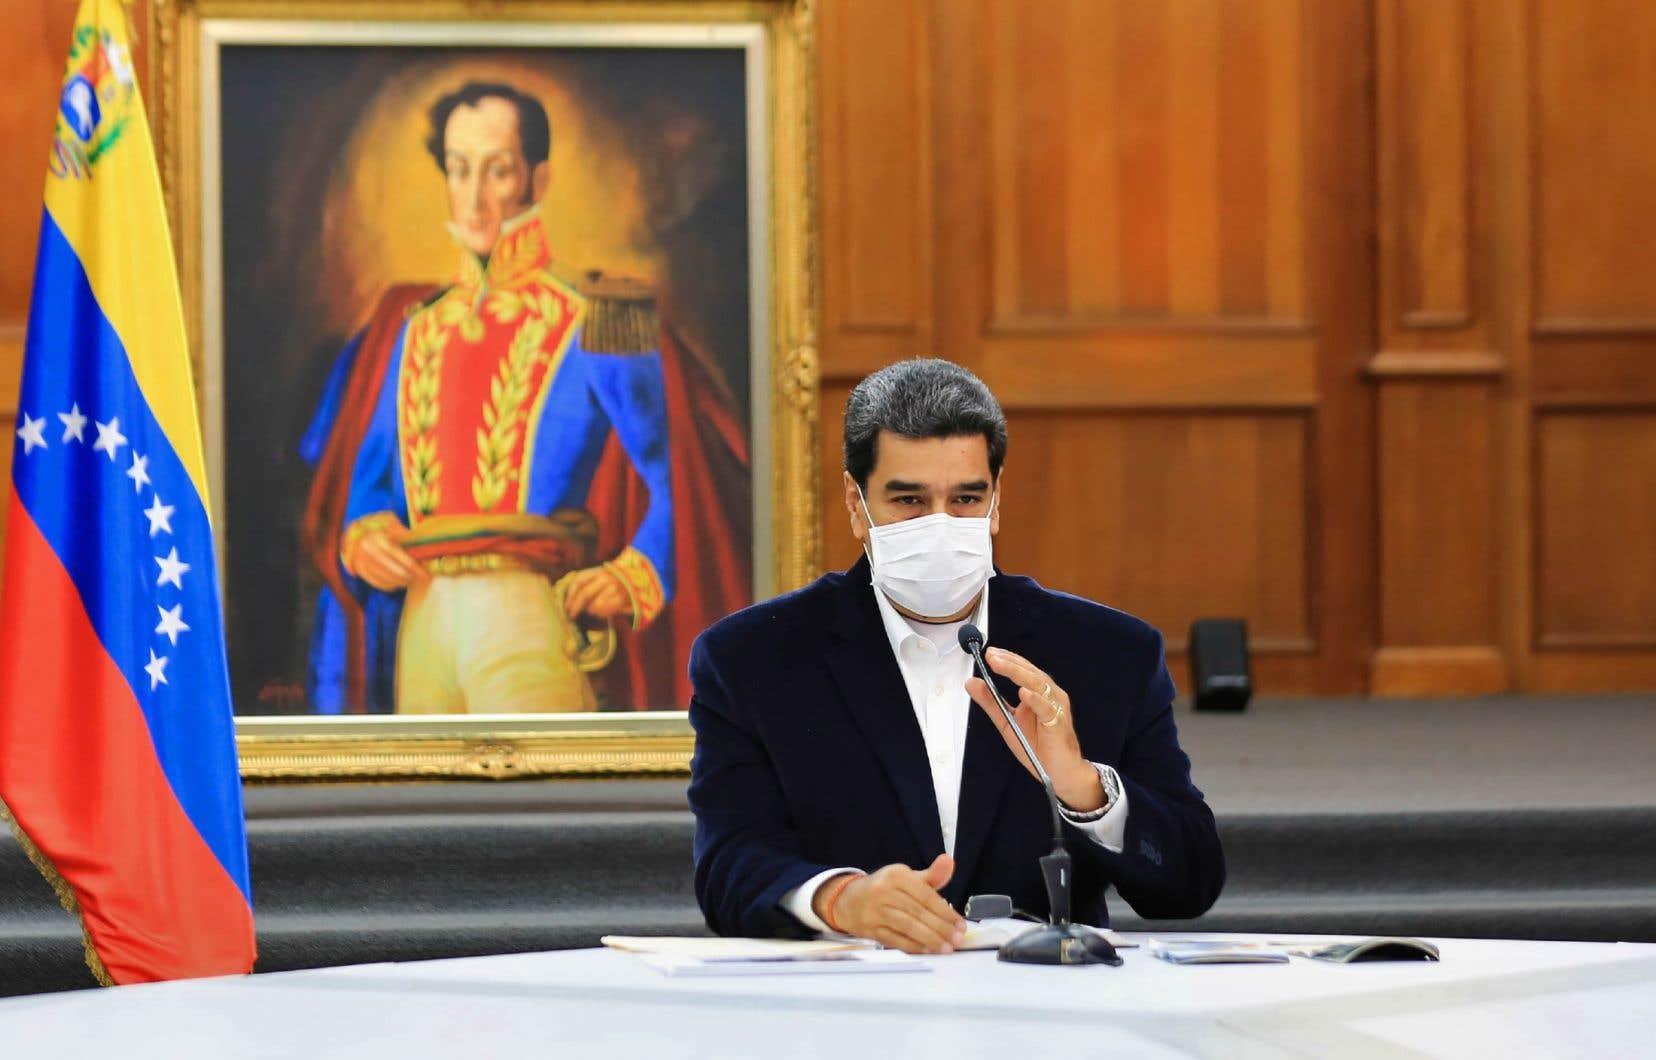 Le dirigeant vénézuélien, Nicolas Maduro, a affirmé lundi que quinze personnes, dont deux Américains, ont été arrêtées en deux jours pour une tentative «d'invasion» par mer du Venezuela.